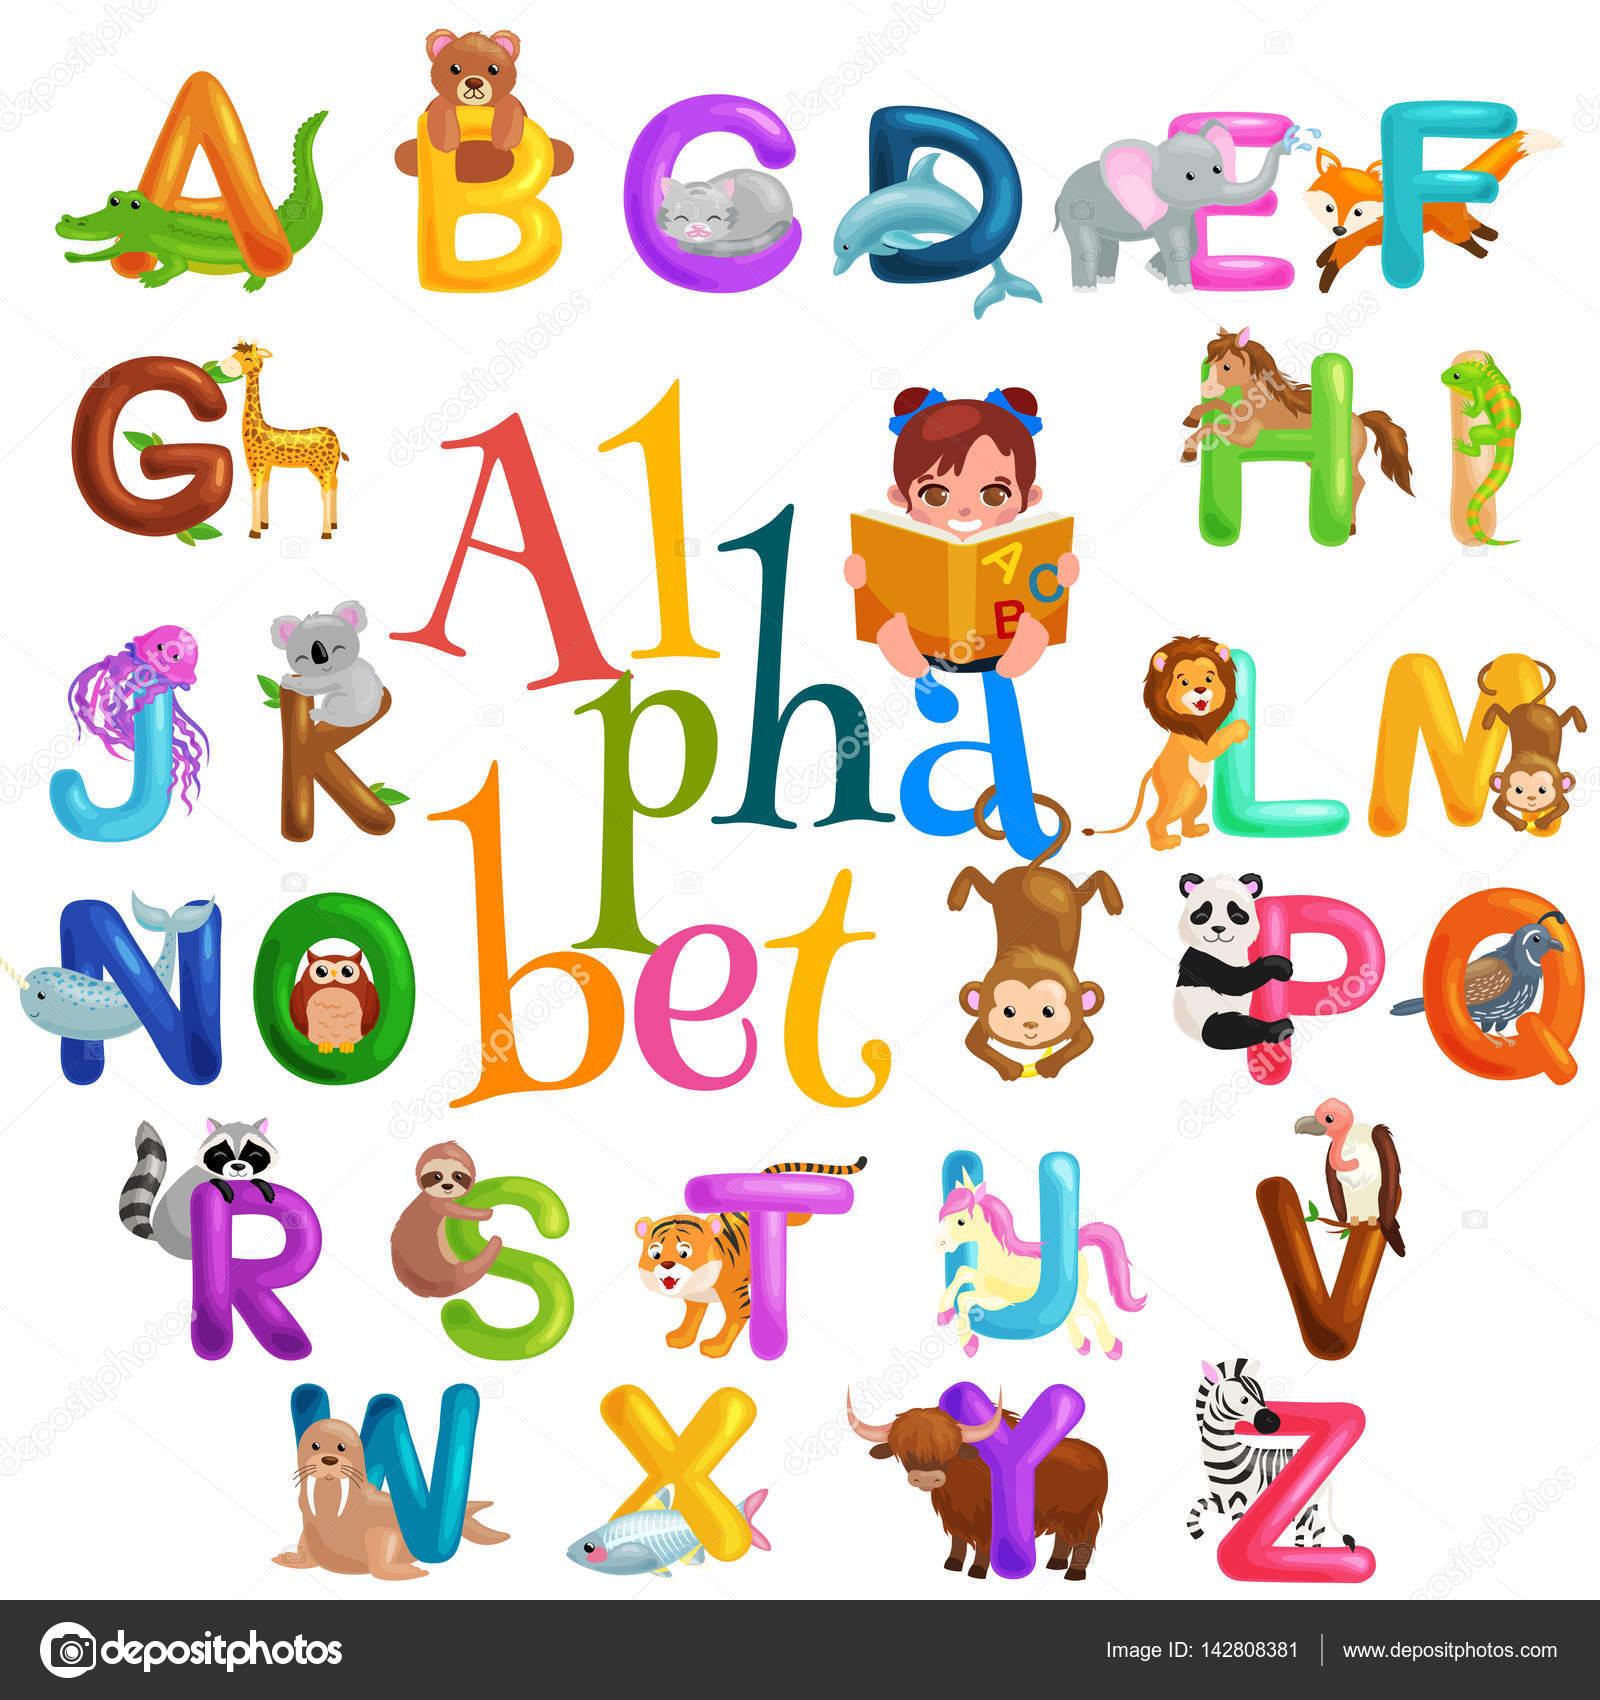 Alphabet animaux pour enfants abc l enseignement en cole maternelle image vectorielle - Image d ecole maternelle ...